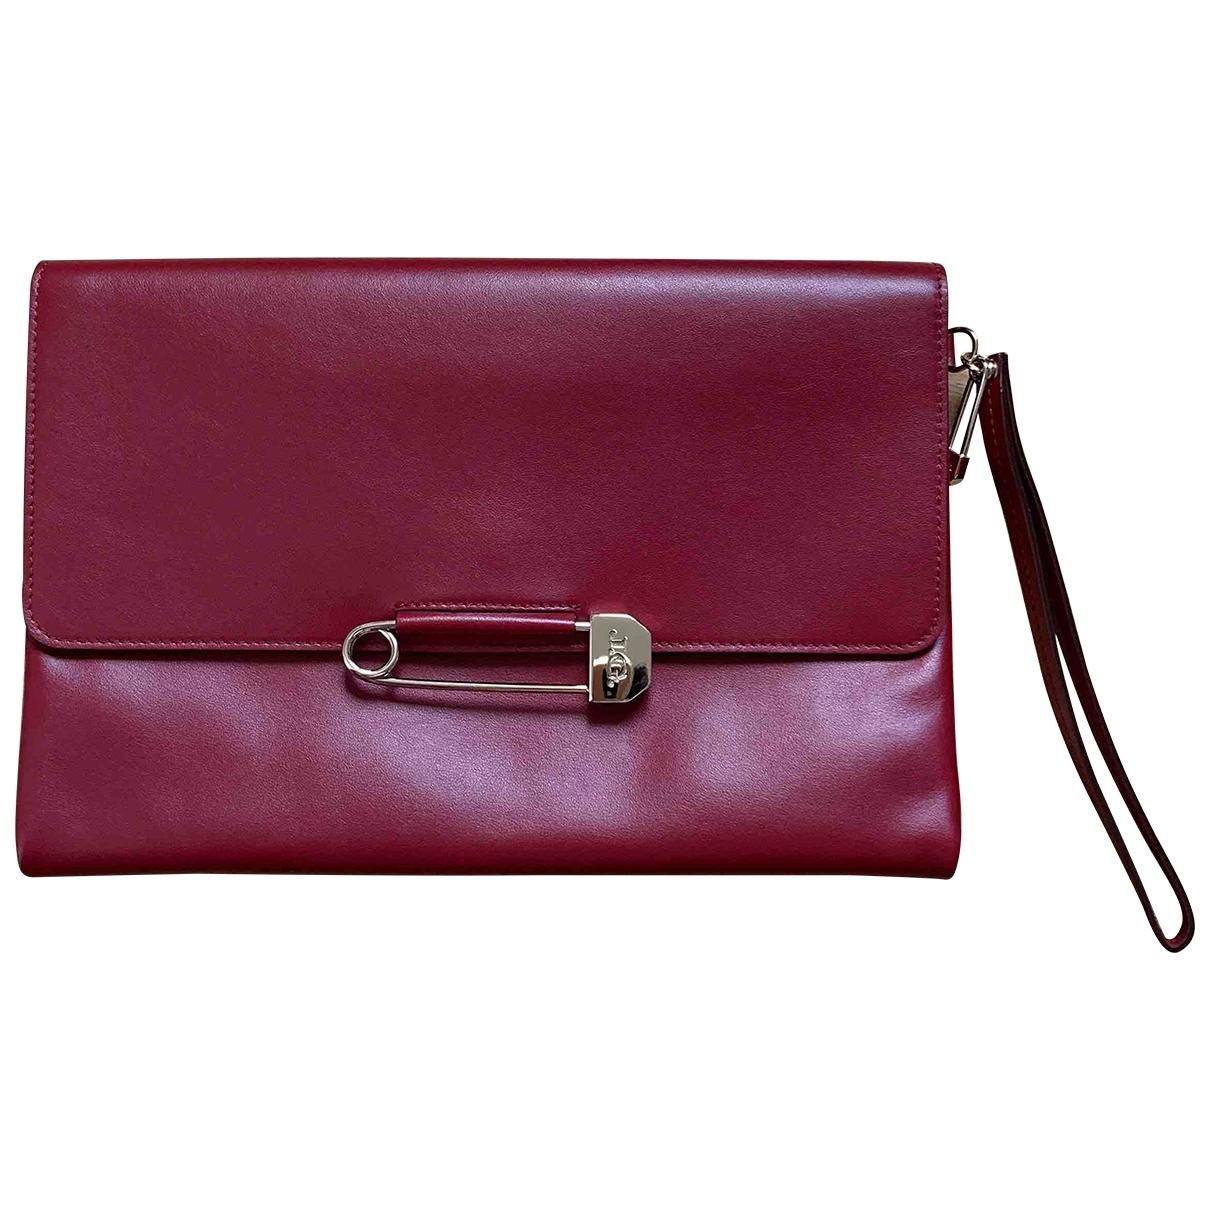 John Galliano - Pochette   pour femme en cuir - rouge